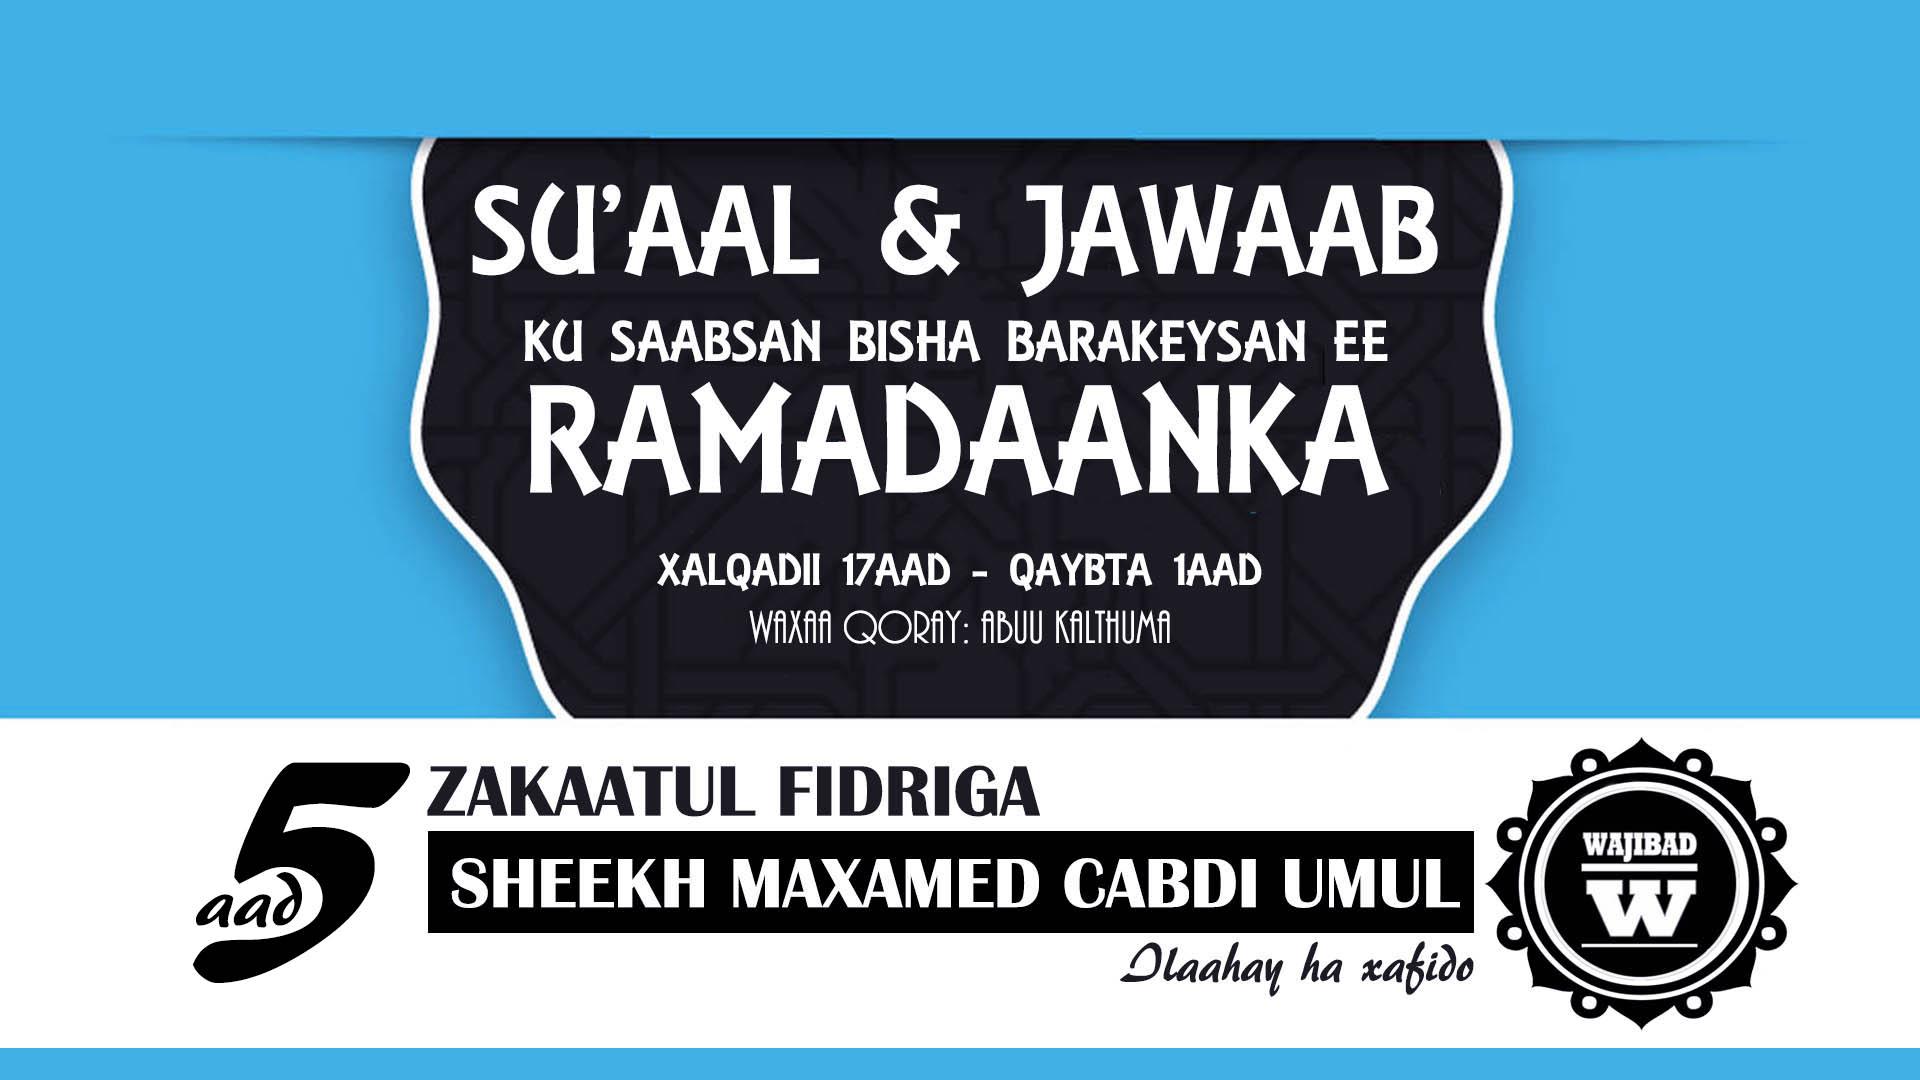 Su'aal & Jawaab Ku Saabsan Bisha Ramadaanka – Qaybta 5aad